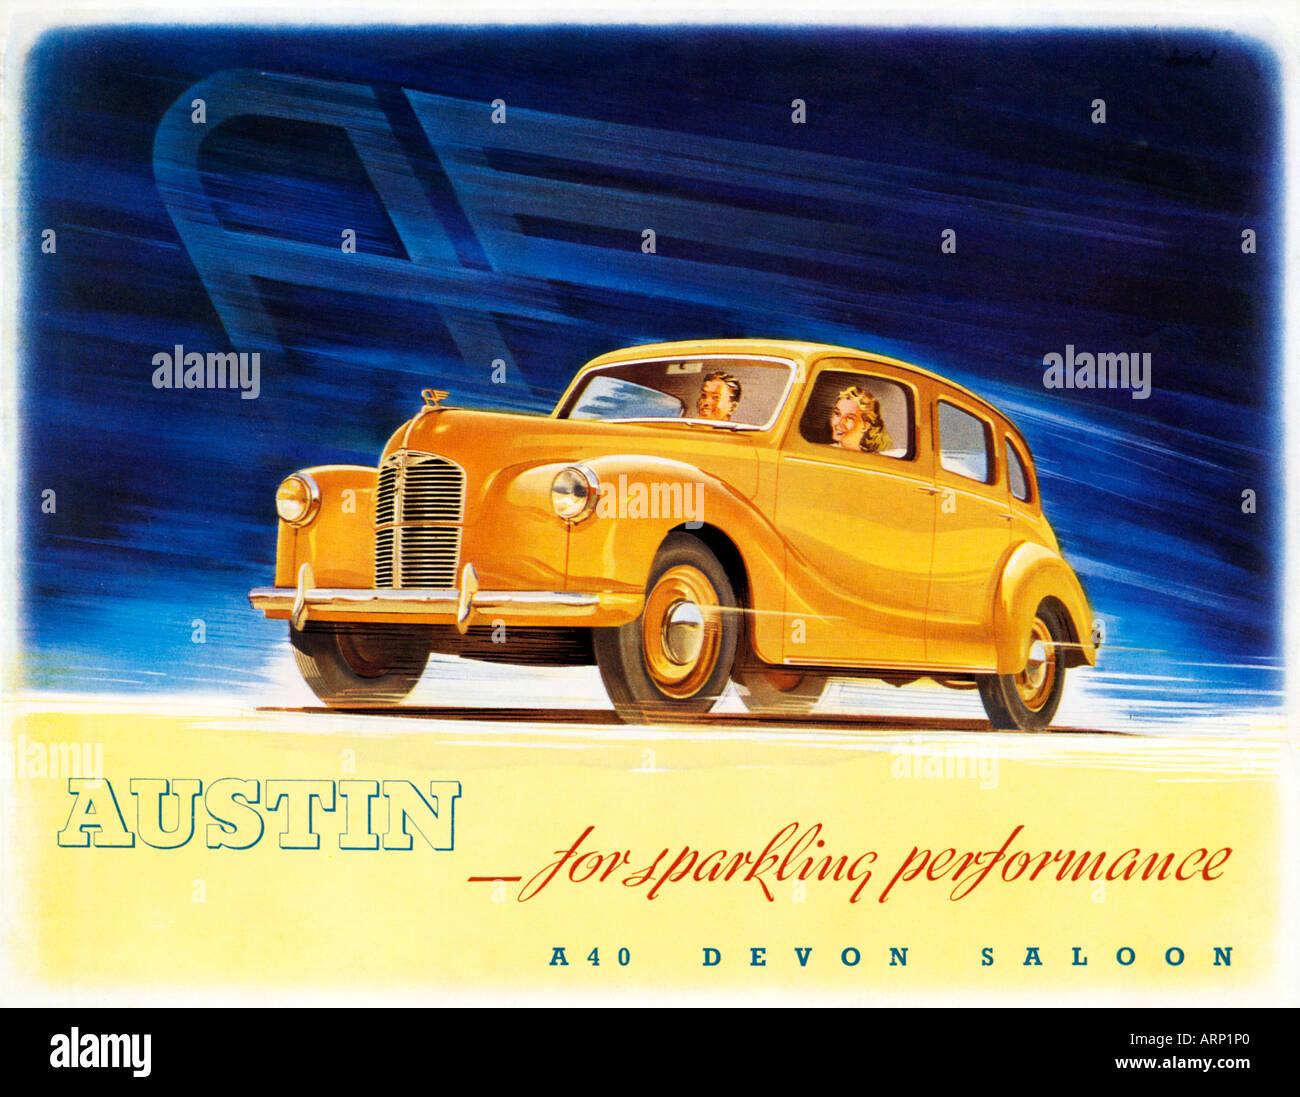 Austin A40 Devon Saloon 1940er Jahre Broschüre für das beliebte englische Auto Stockbild